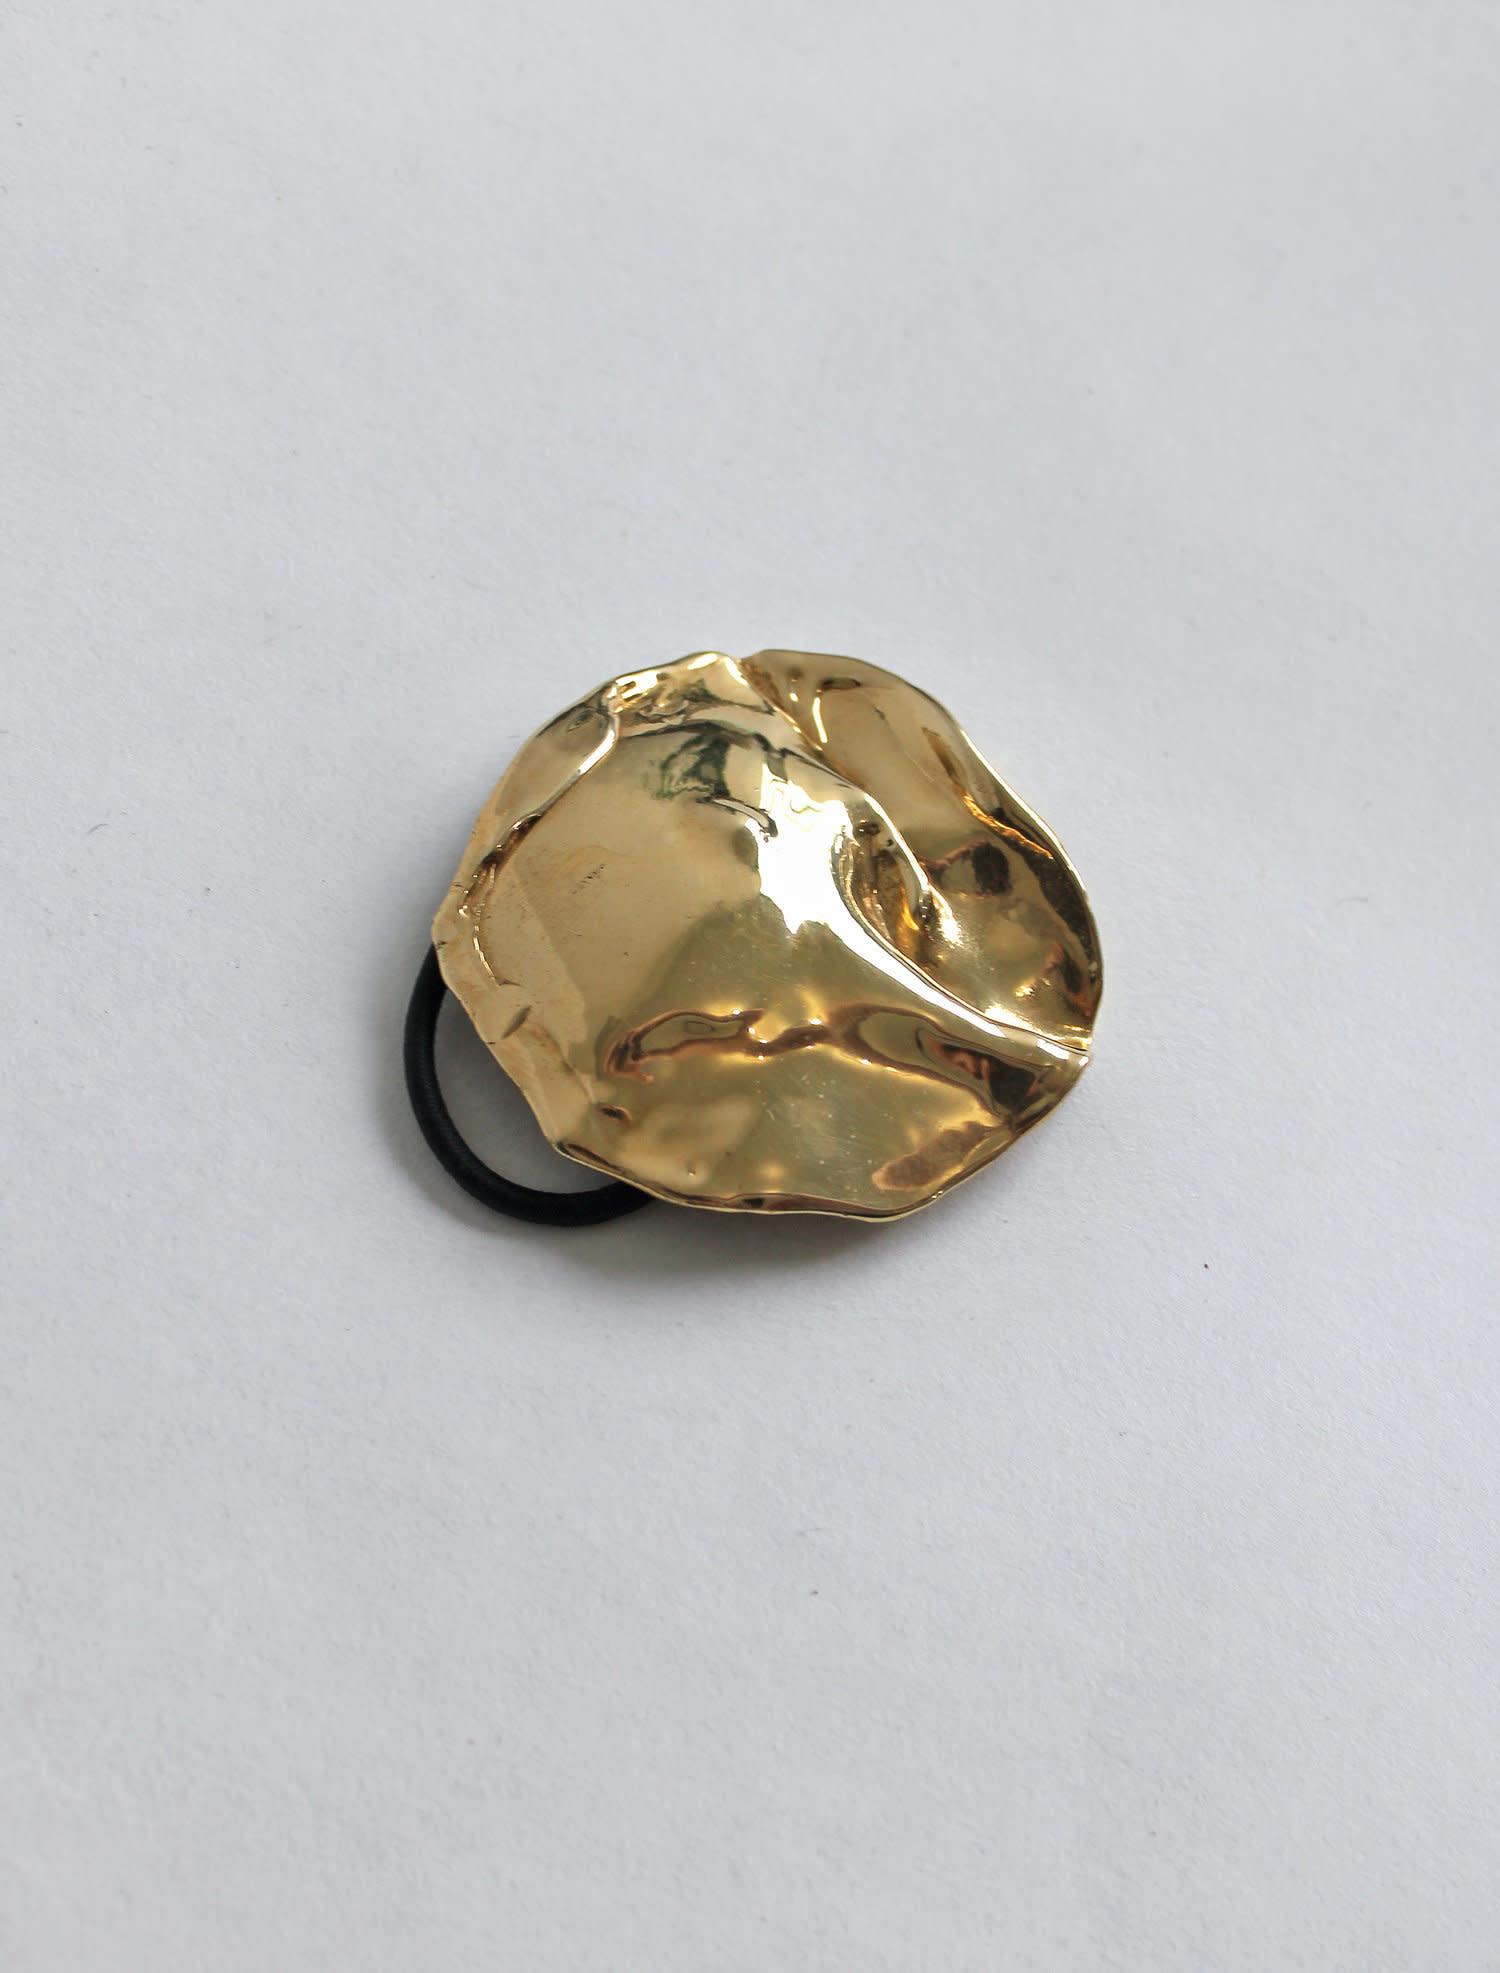 L.L.Y. Altelier Molten Metal Hair Tie in Brass